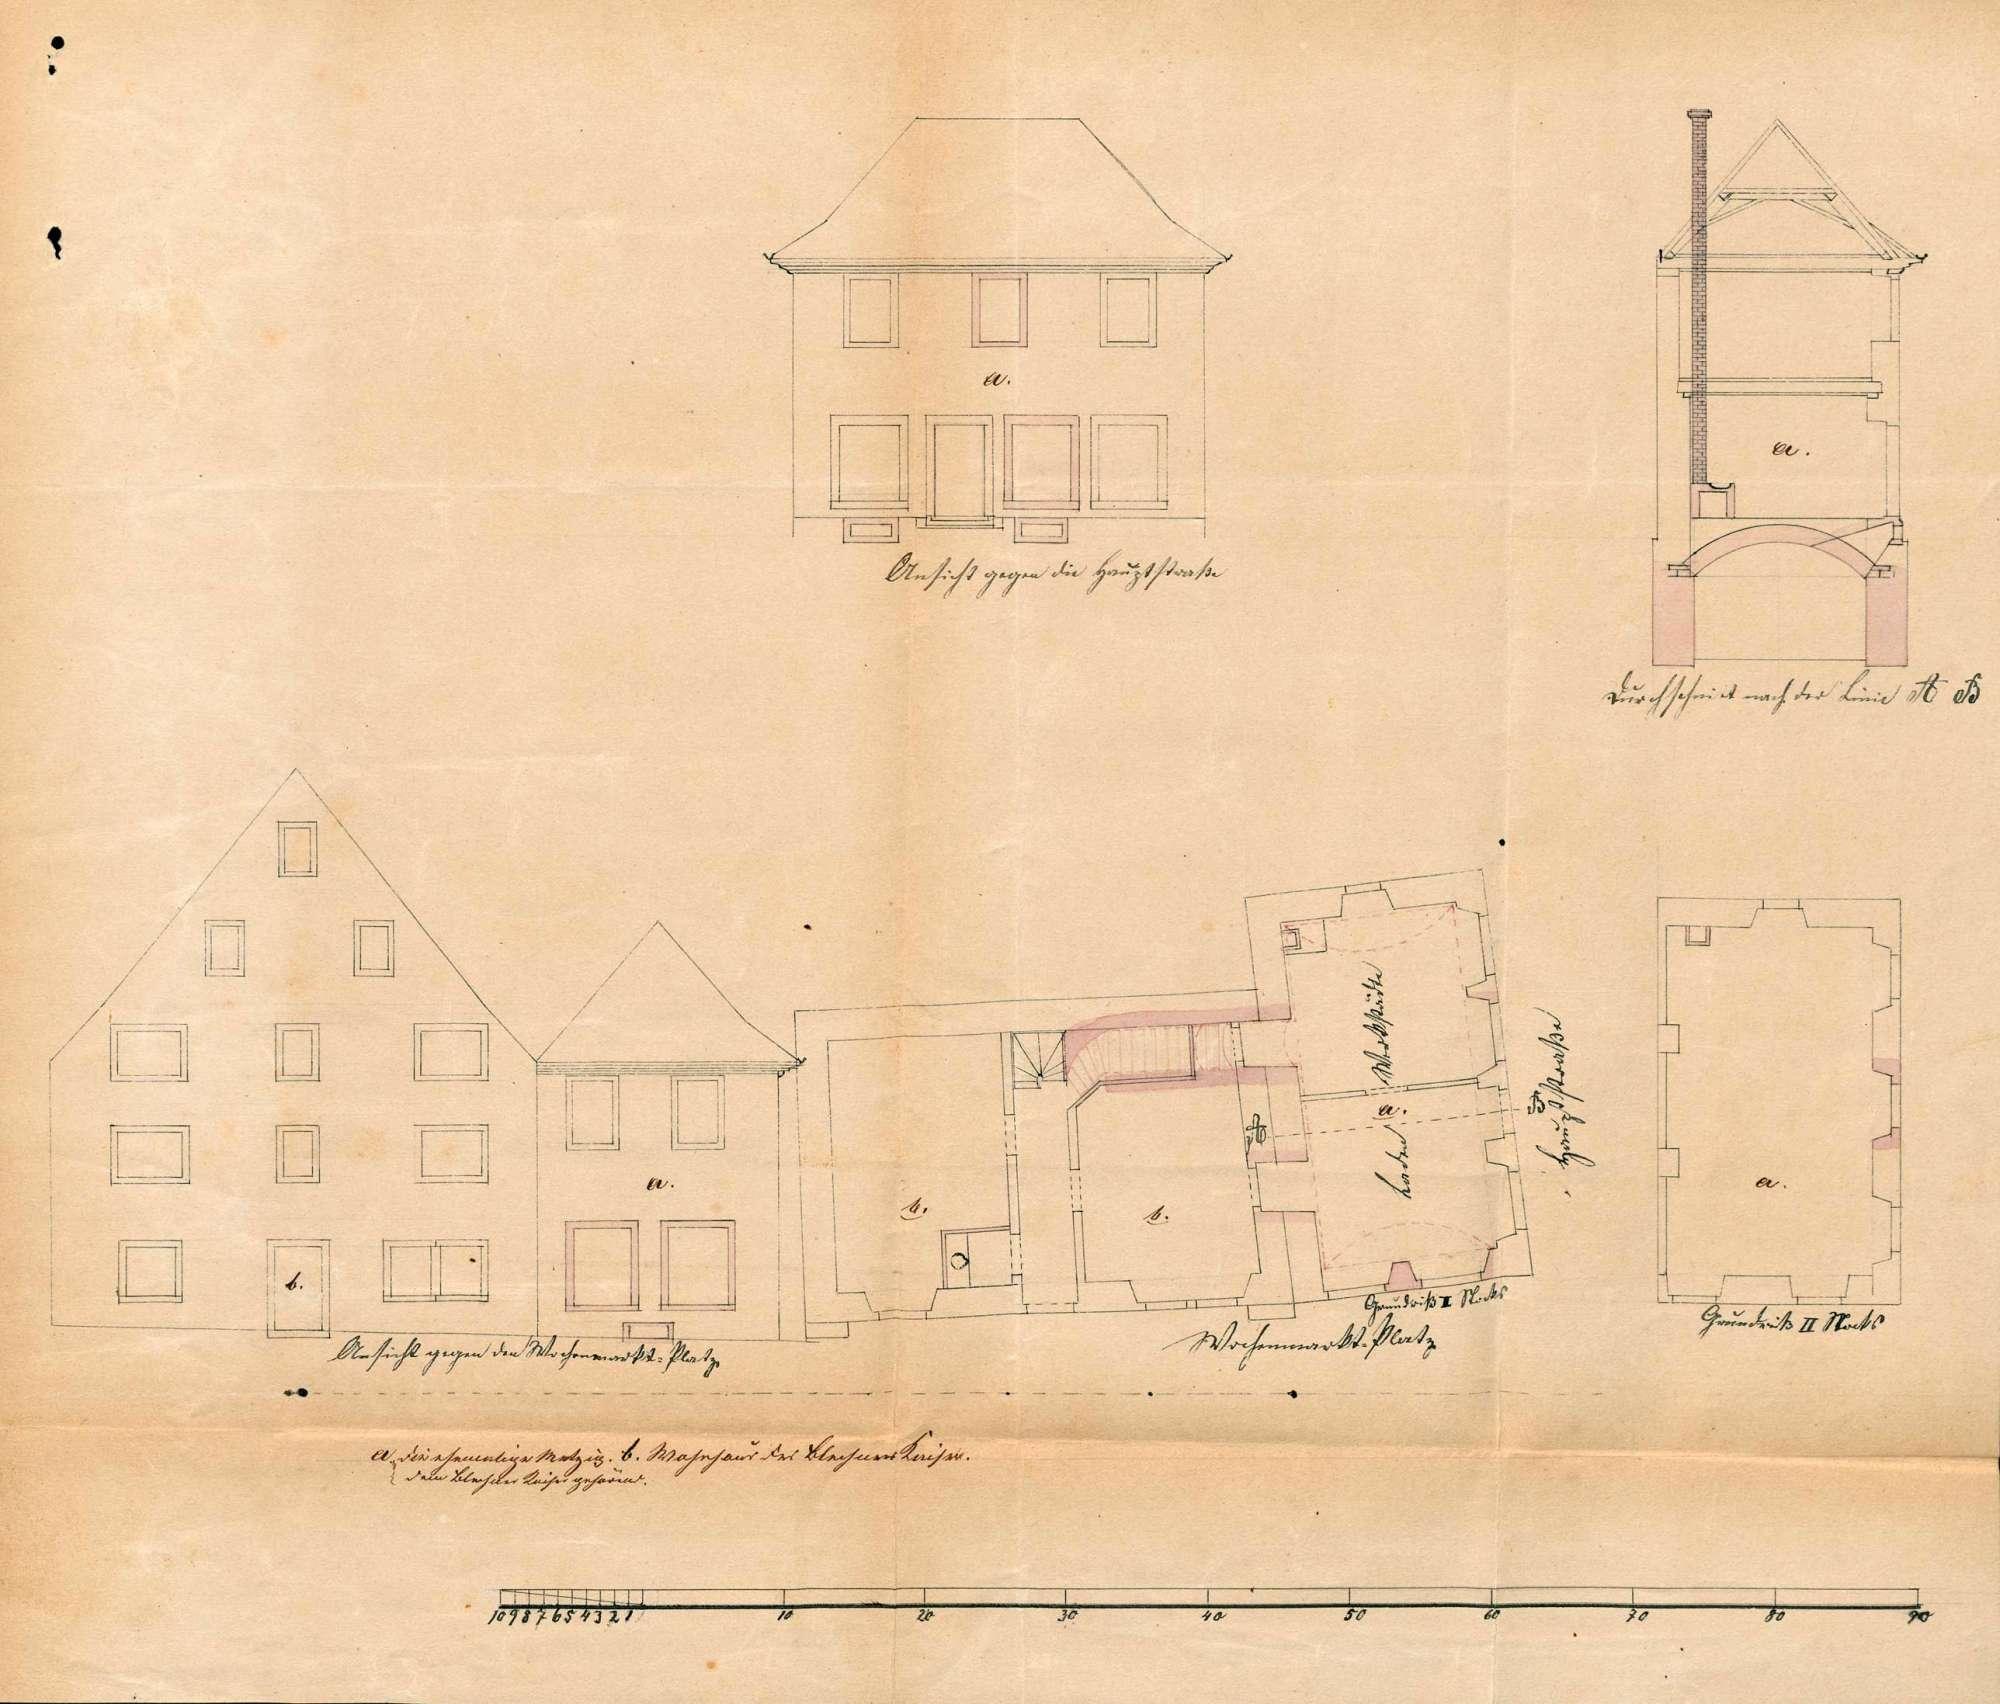 Verkauf der städtischen Metzig; Herstellung eines Wachlokals, Arrestlokals und Spritzenhauses, Bild 3